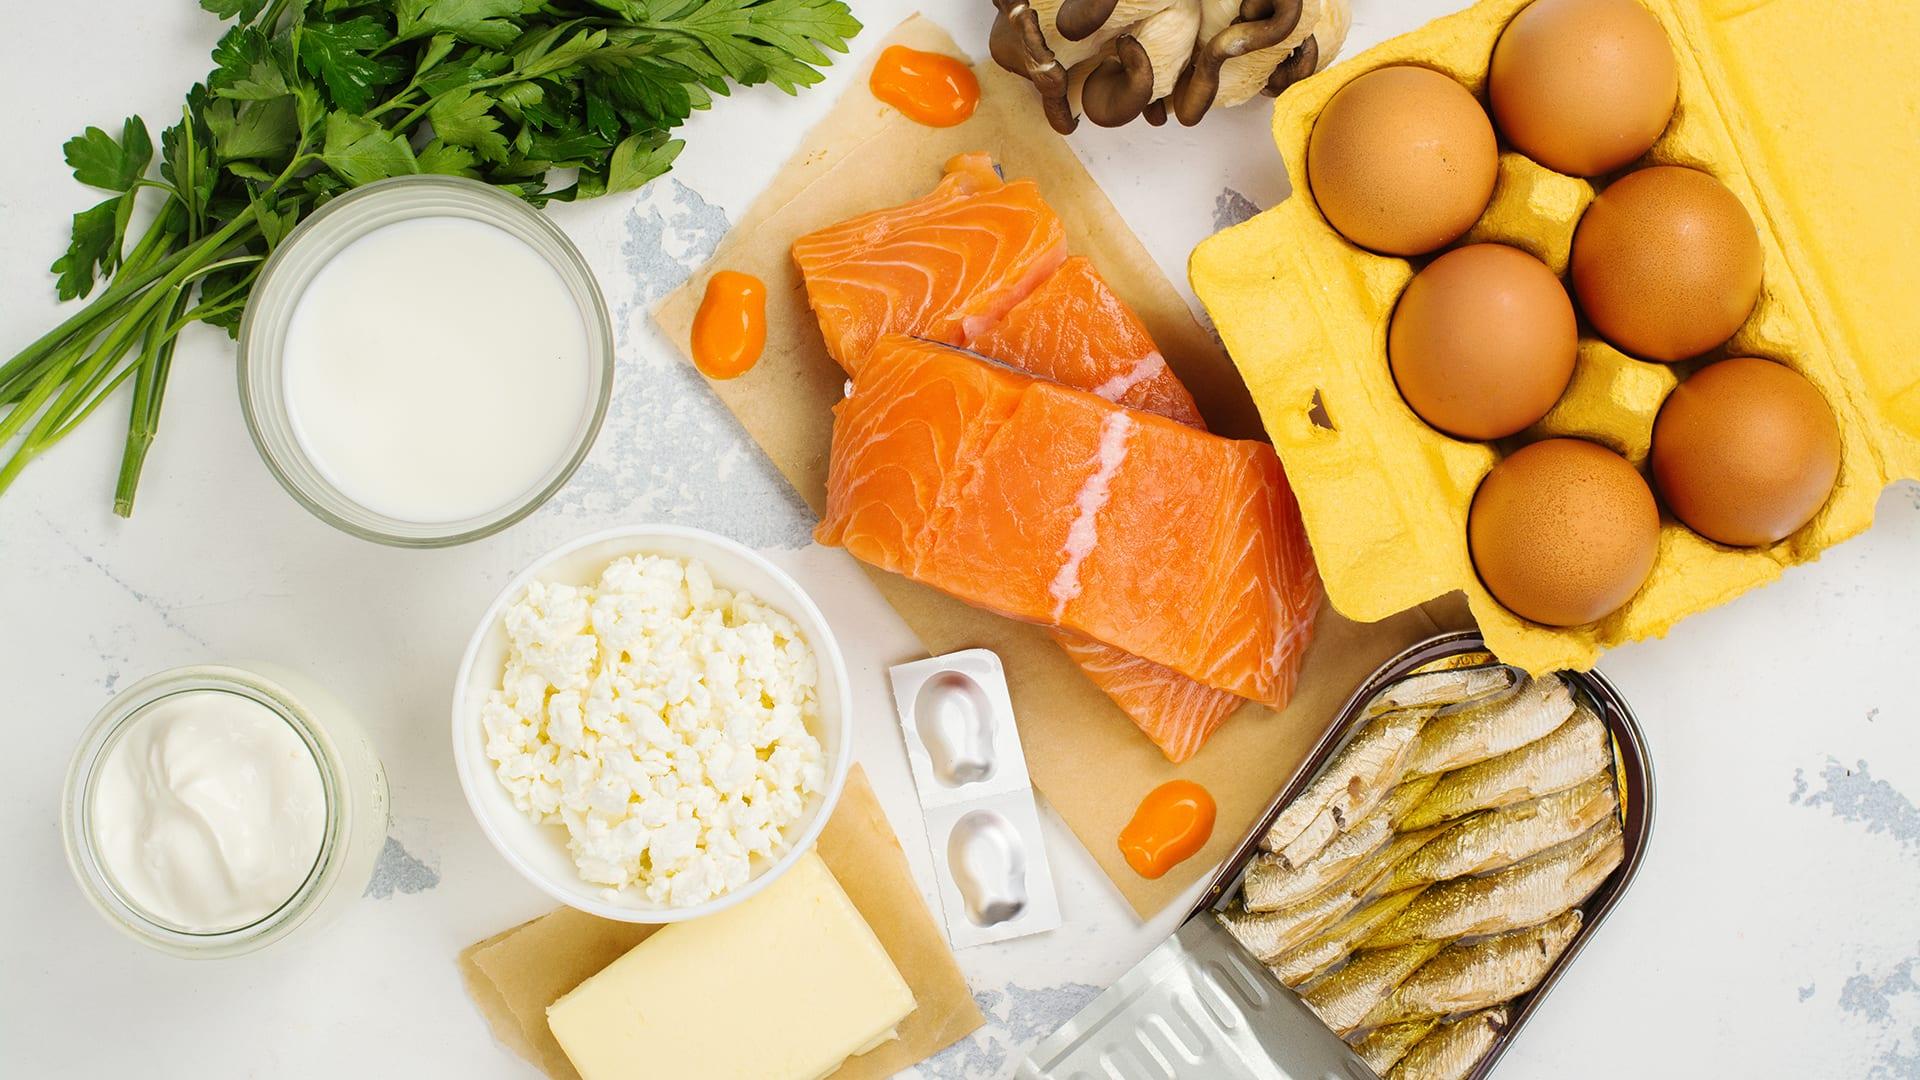 VitaminD-iStock-850977856